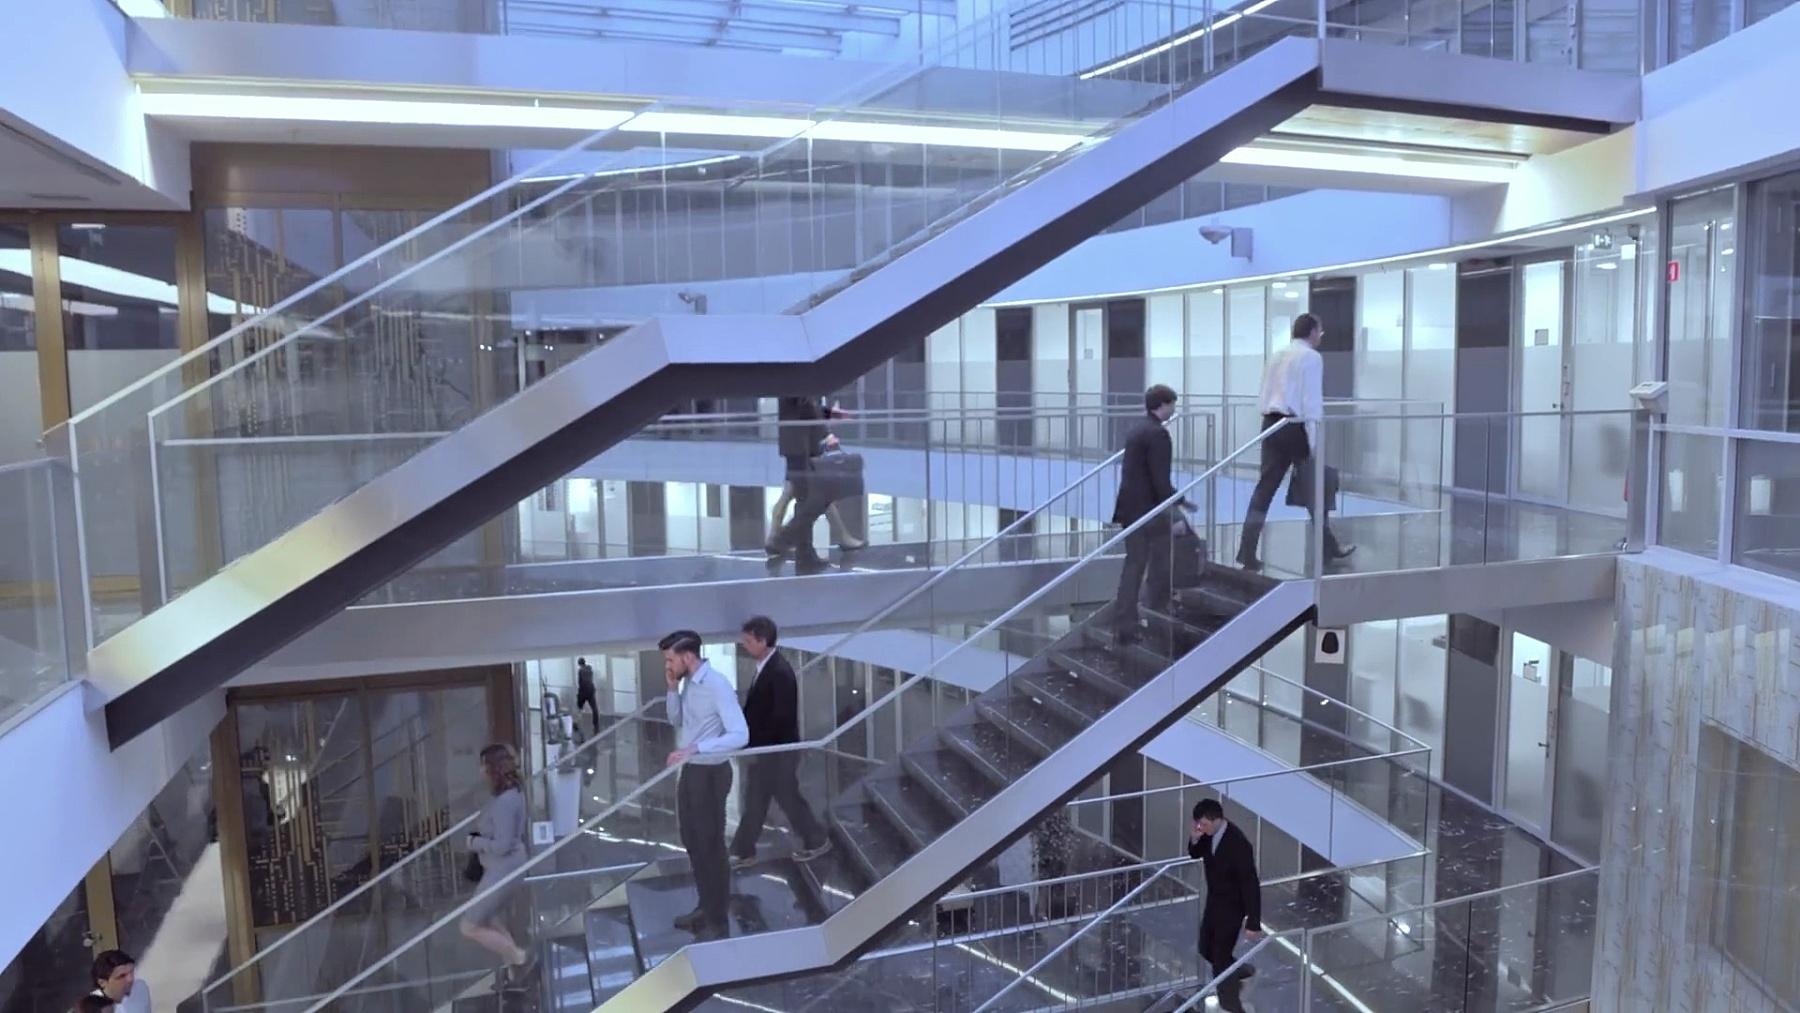 空中繁忙的商务楼走廊